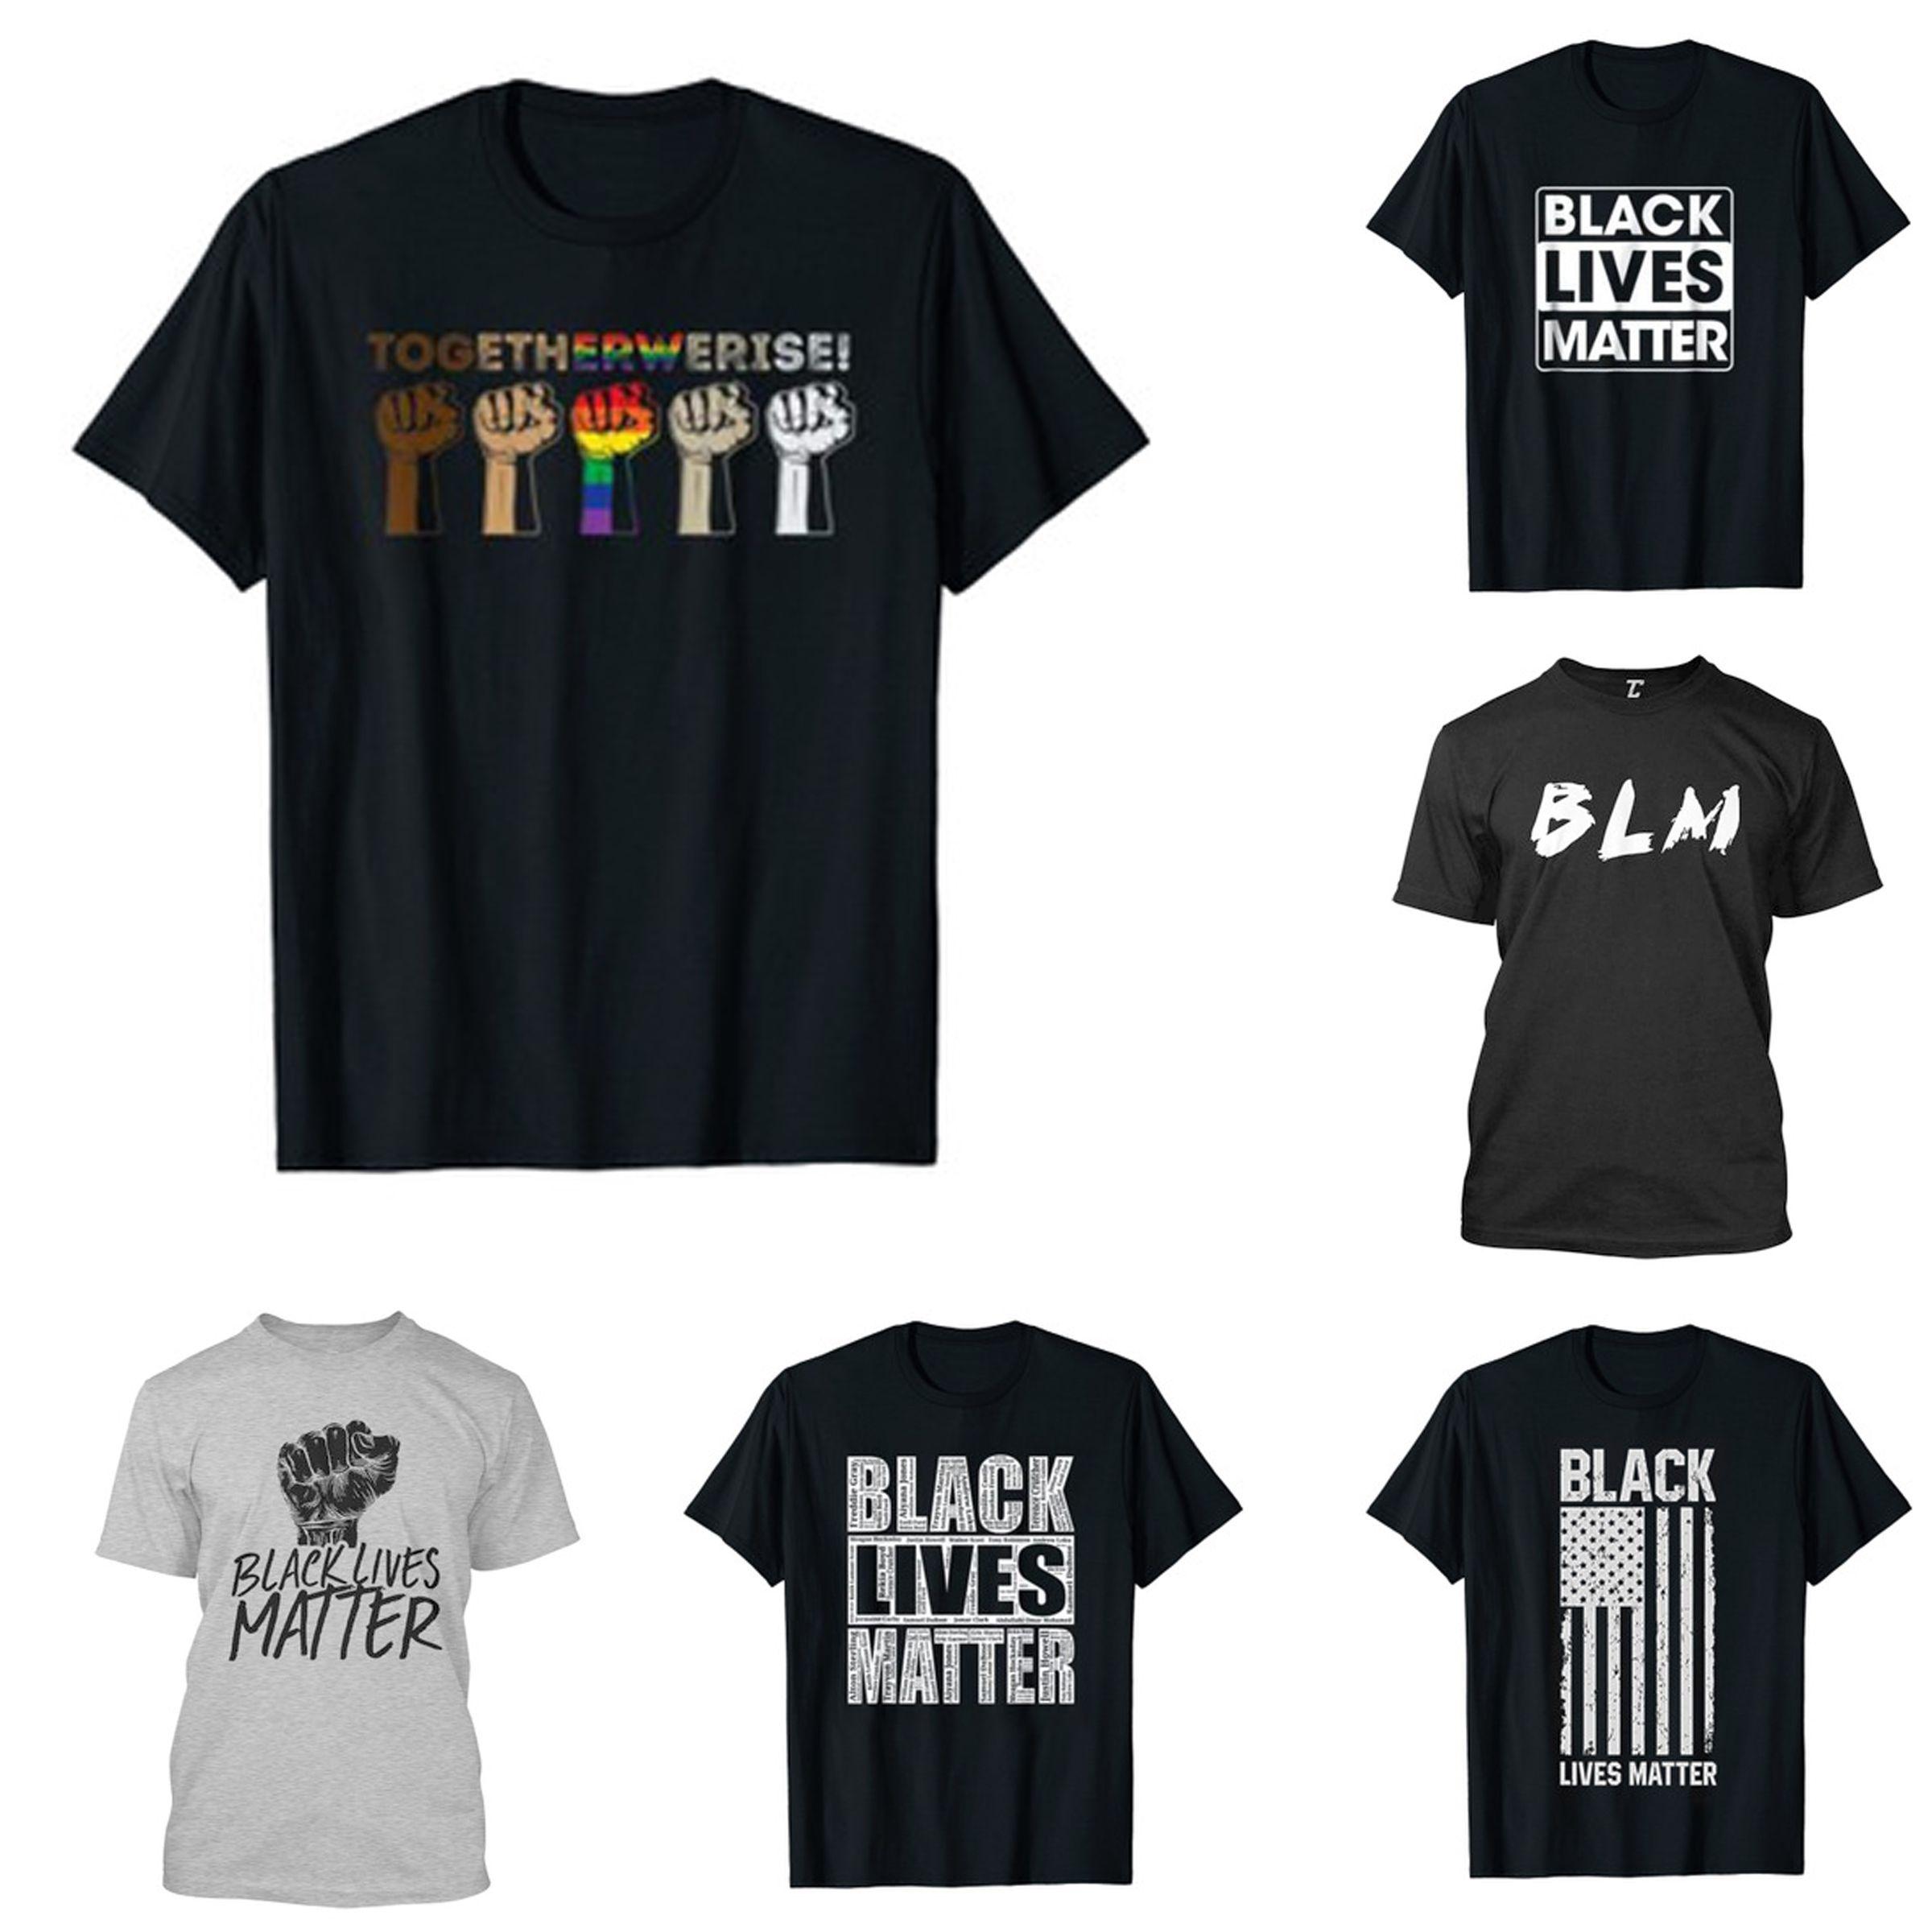 9 Стили I Cant Breathe Новая футболка для мужчин / женская 2020 Равенство Борется Одежда Мода Узор Новые мужские Top Тройники Black Lives Matter